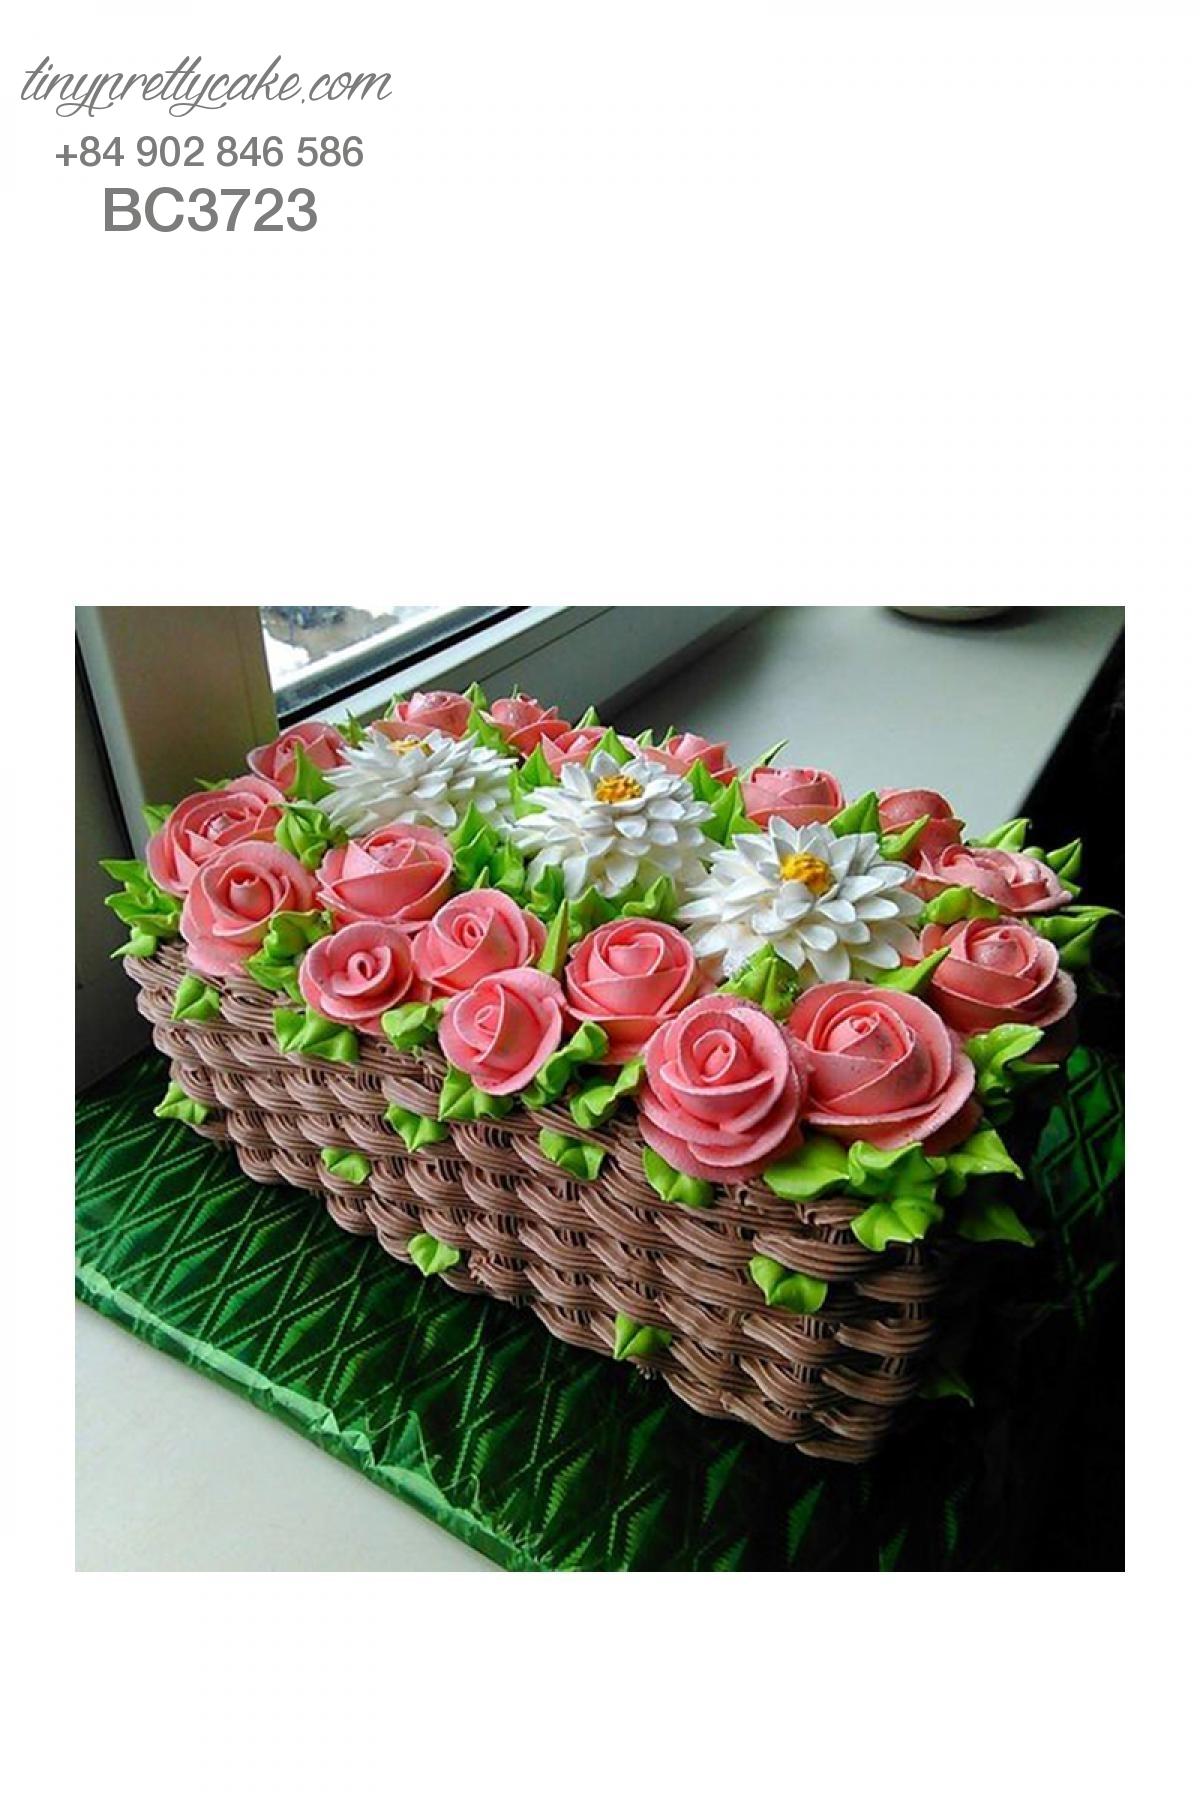 Bánh sinh nhật giỏ hoa hồng cực đáng yêu cho phụ nữ (BC3723)